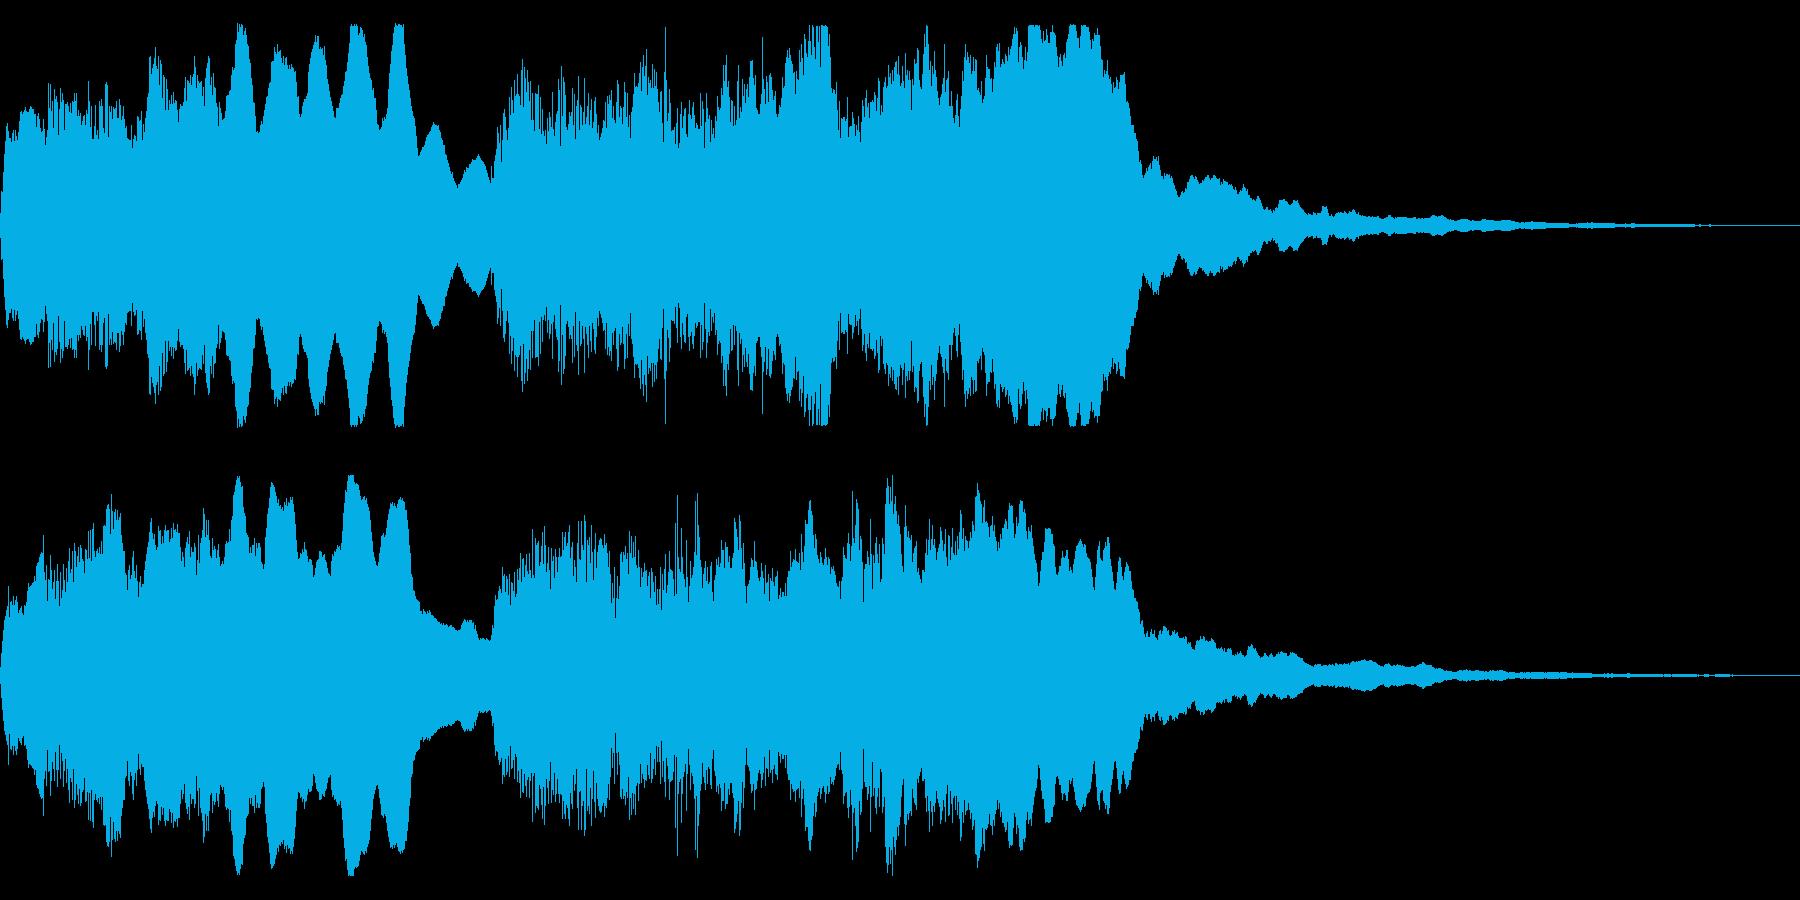 ちゃらりー トッカータ バッハ 不正解の再生済みの波形